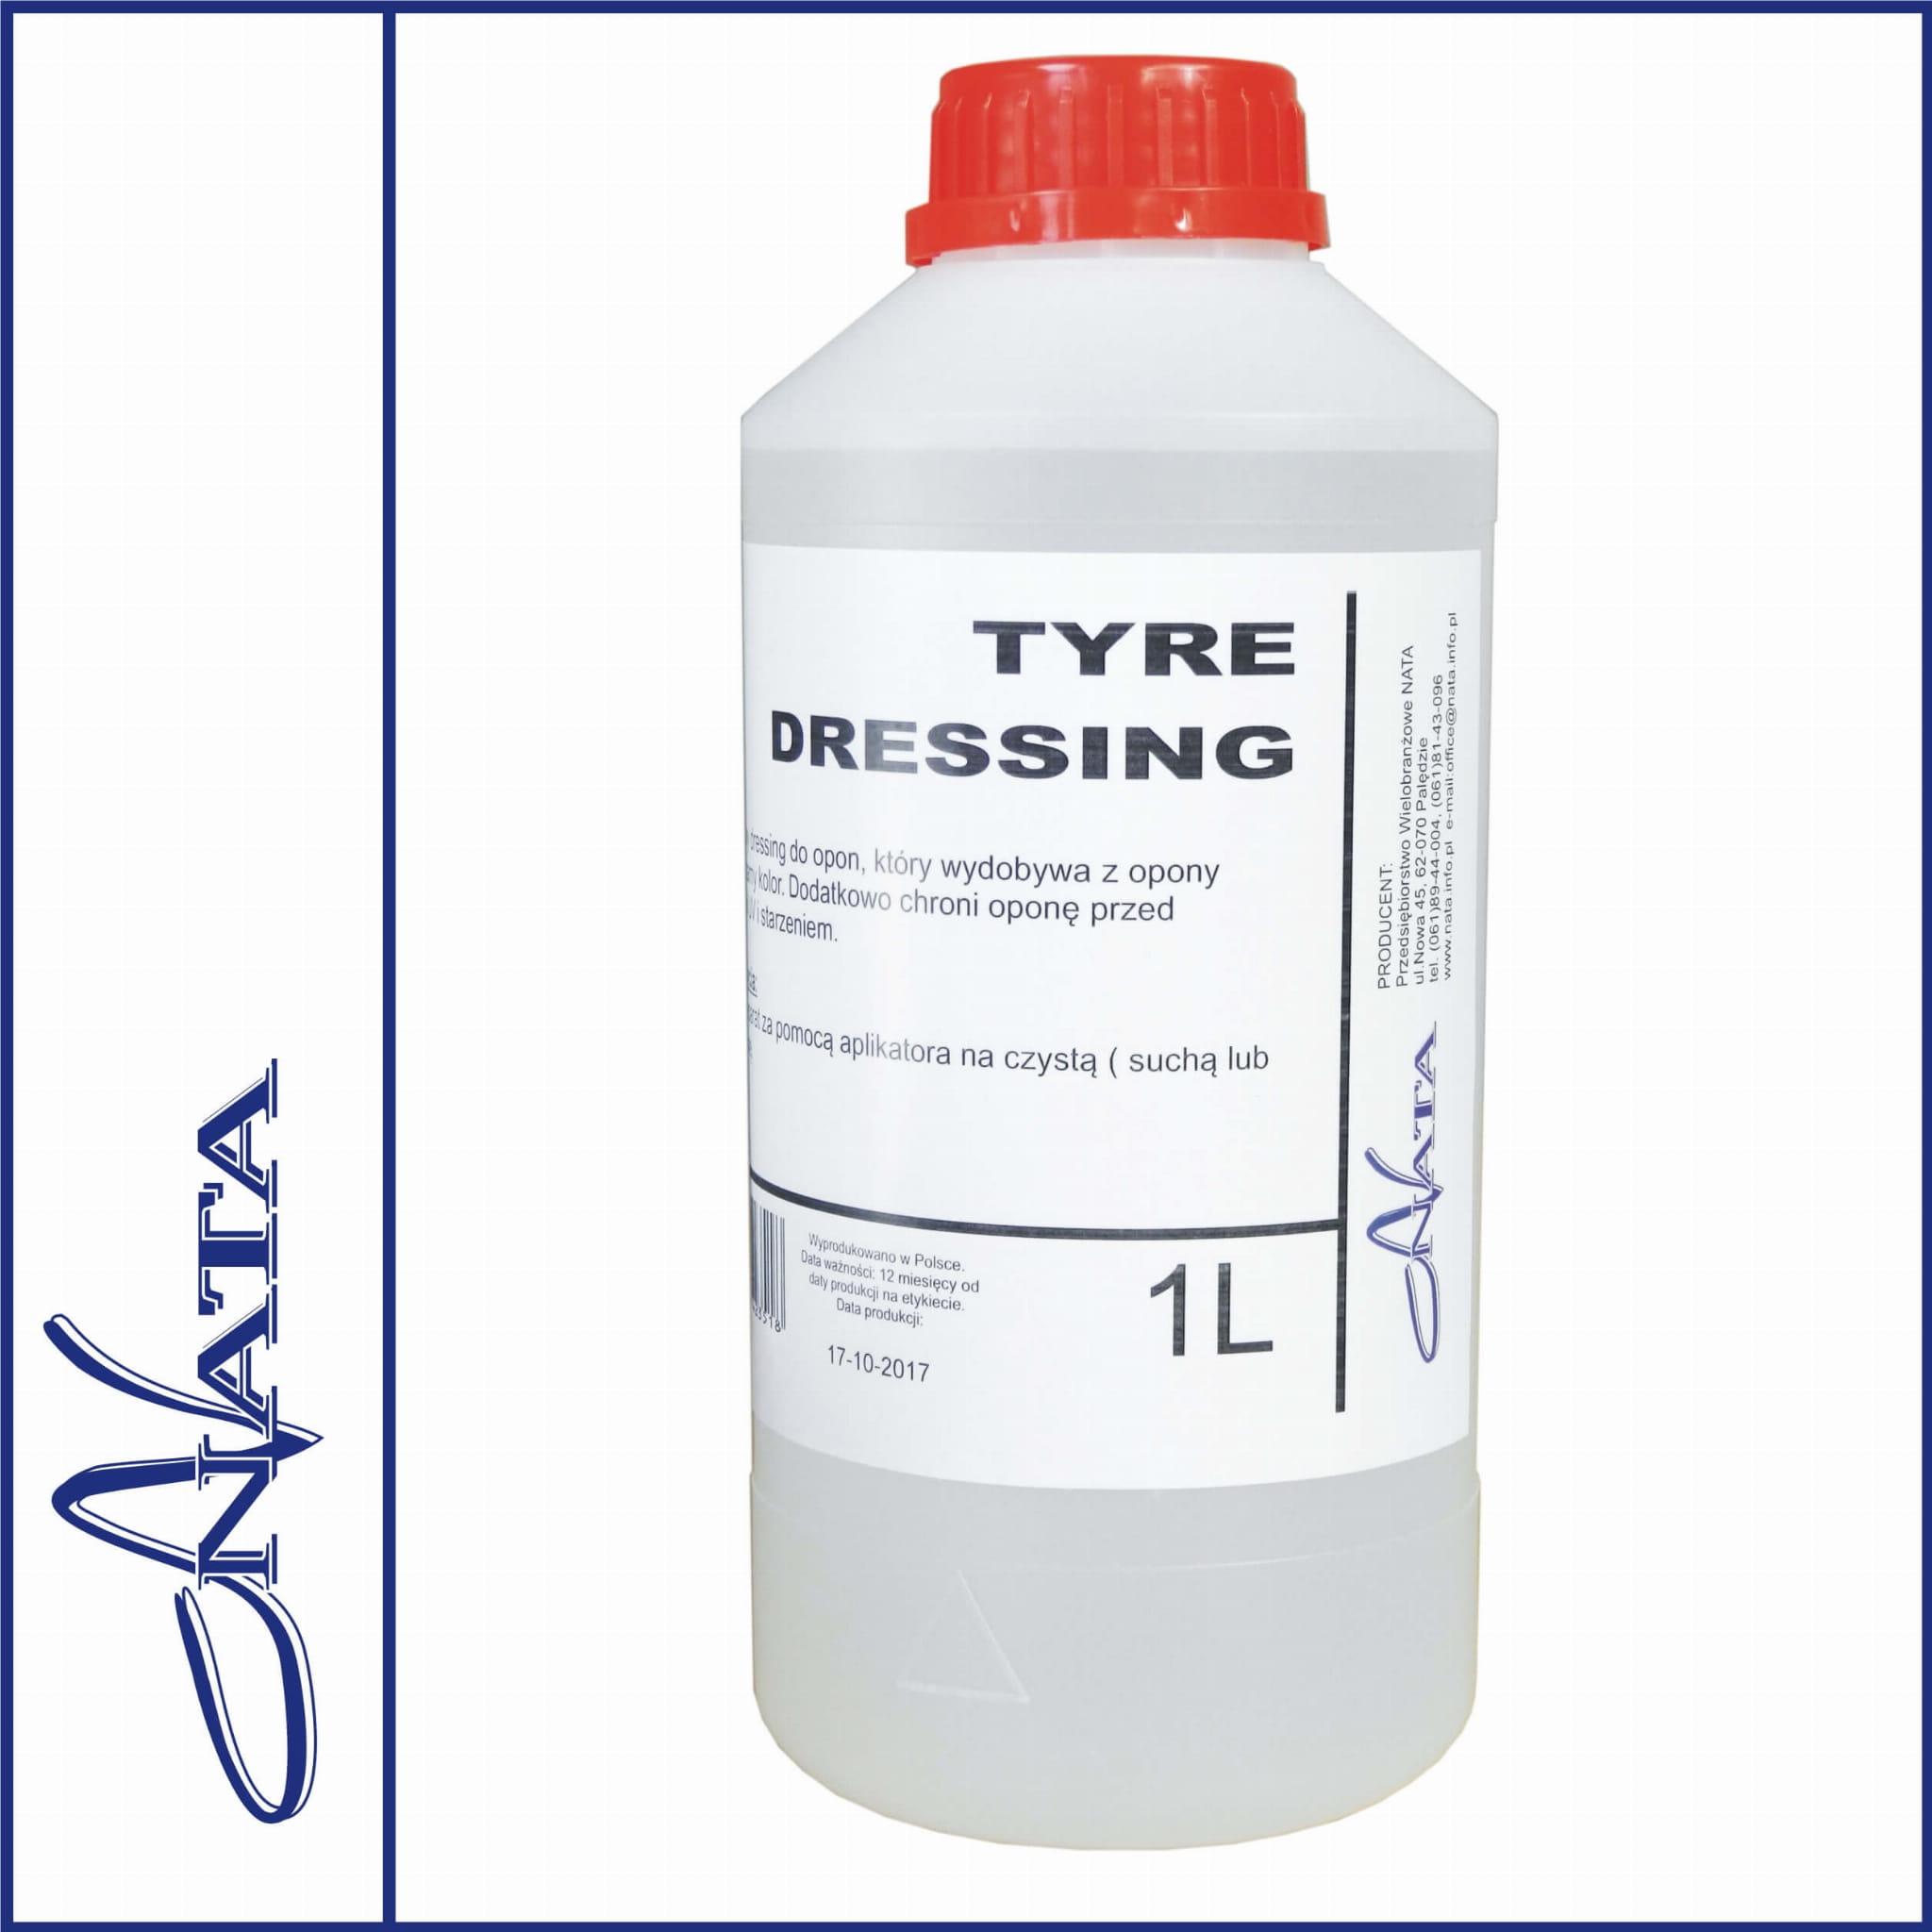 Tyre Dressing połysk 1kg - preparat do opon i plastików